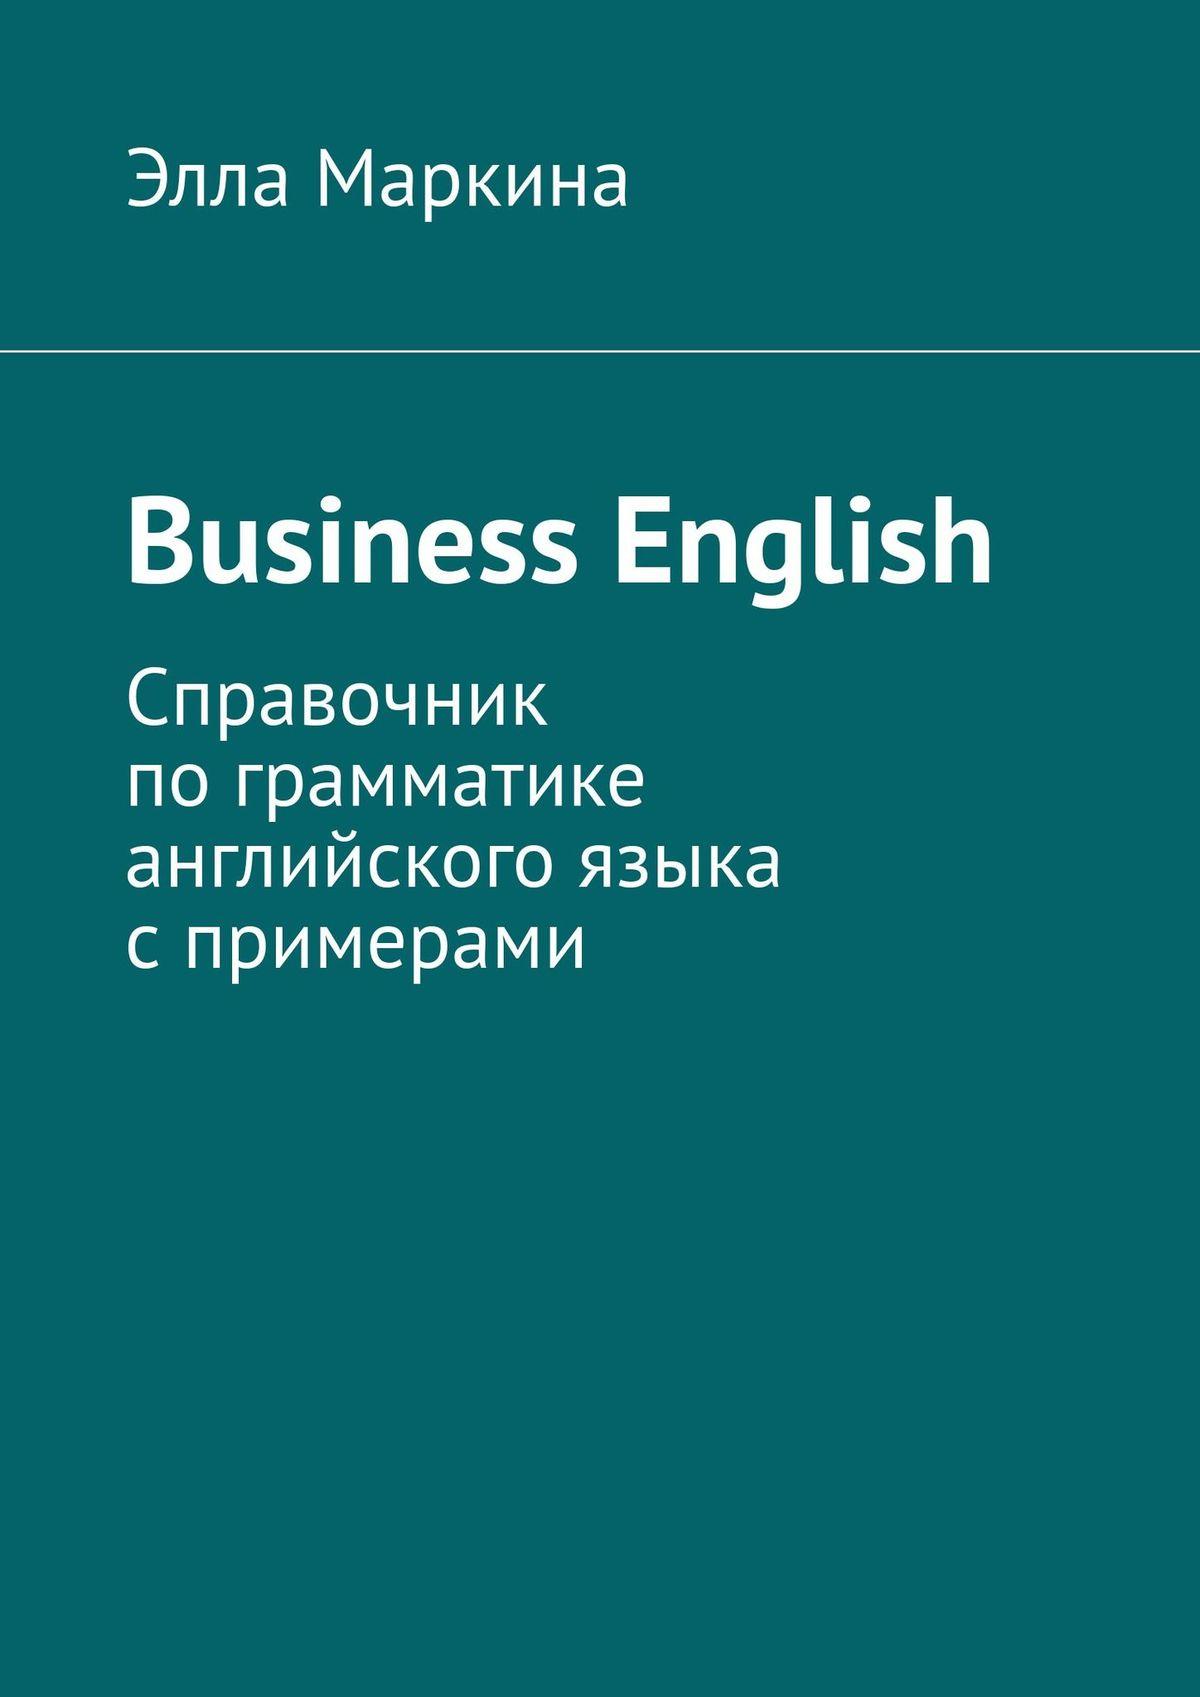 Элла Маркина Business English. Справочник пограмматике английского языка спримерами